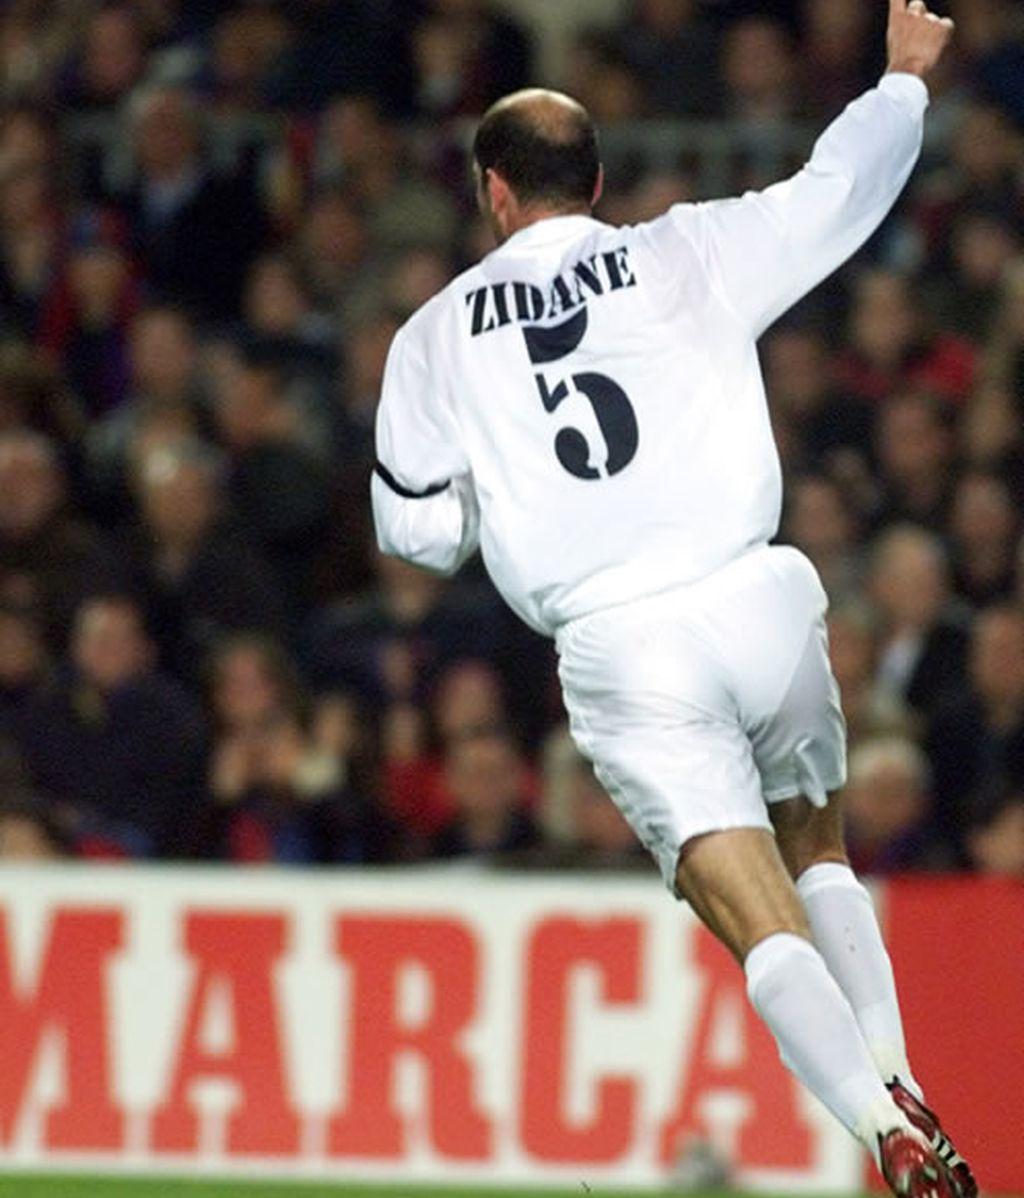 Zidane celebra su gol contra el Barcelona en el encuentro de marzo del 2002